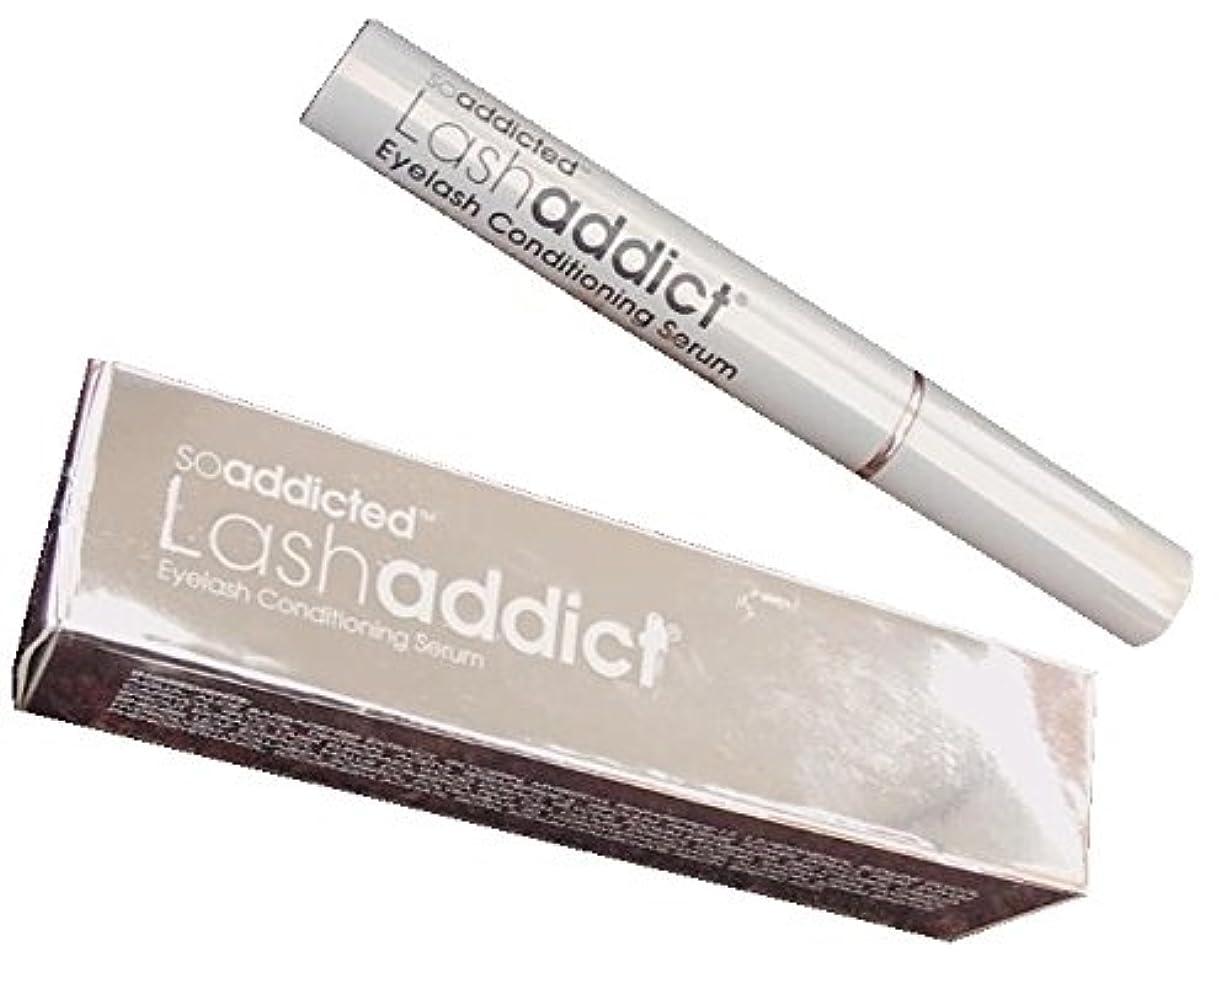 盲信愛寄生虫ラッシュアディクト アイラッシュ コンディショニング セラム 5ml (まつ毛美容液) -Lashaddict I LASH-